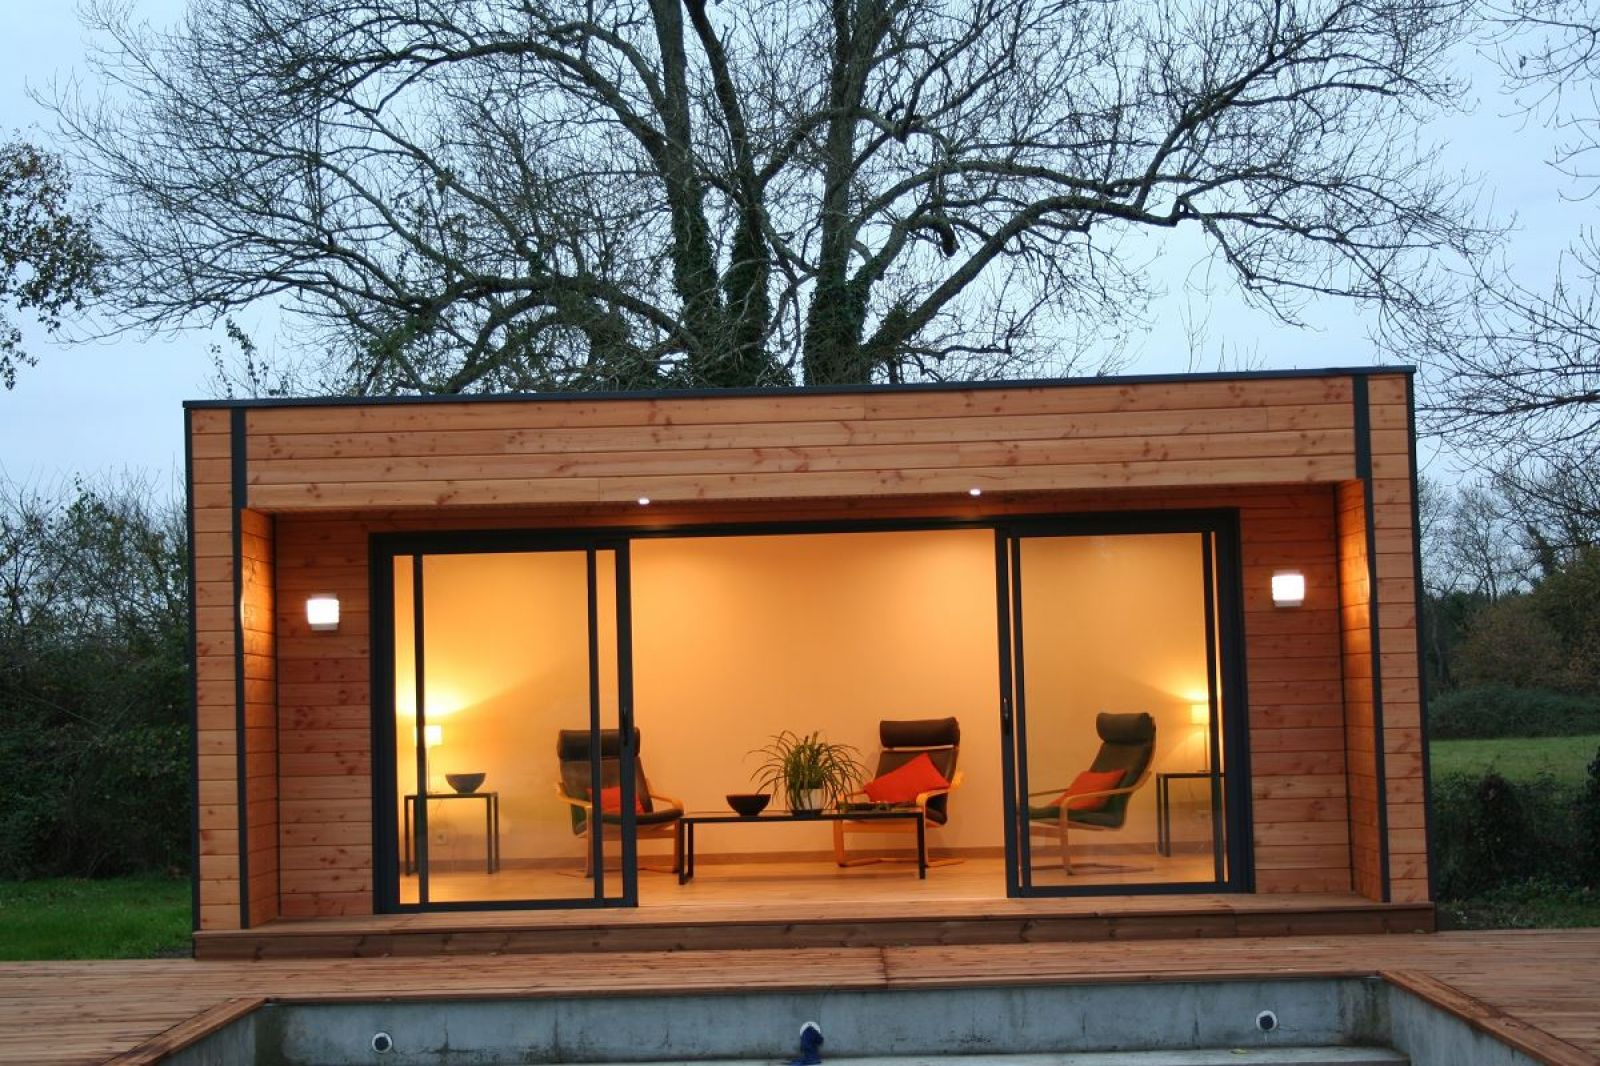 Maison bois 20m2 abri jardin chalet abri de jardin 720m for Abri bois 20m2